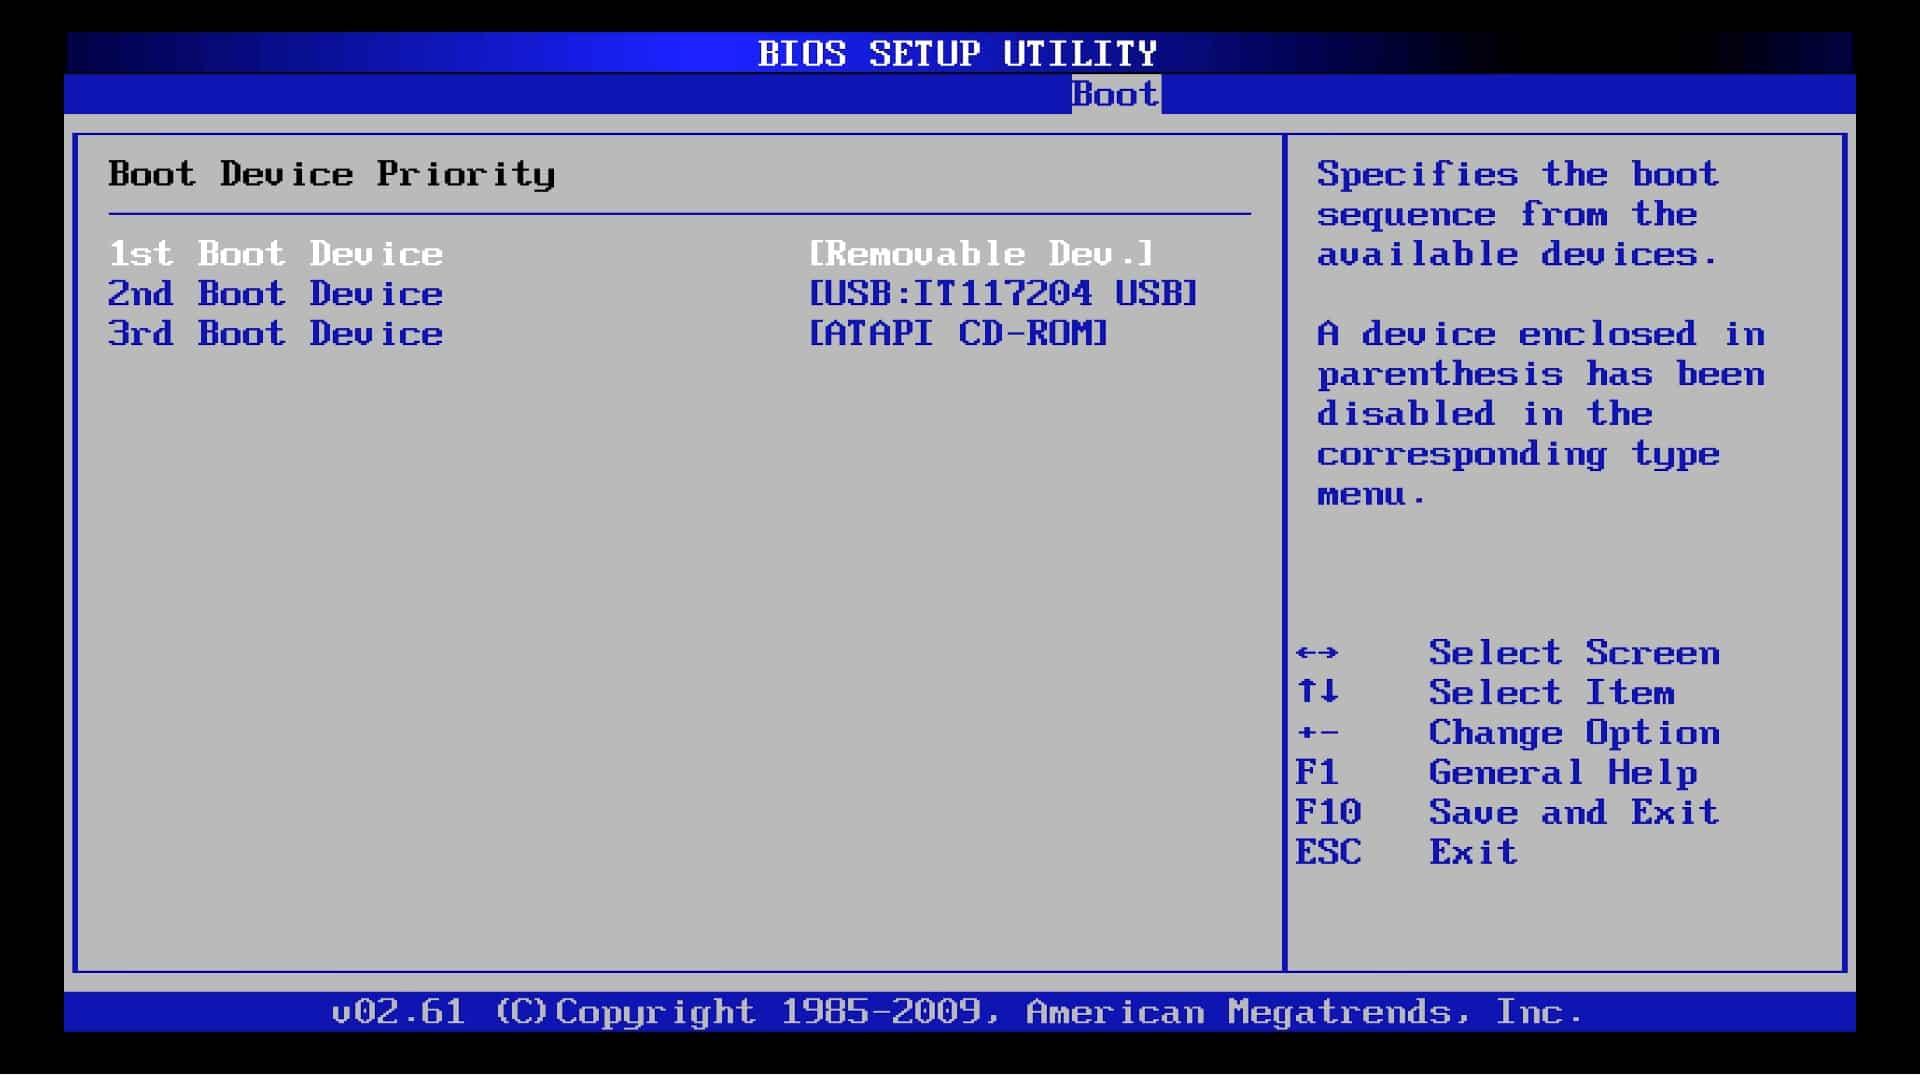 Mengubah Boot Priority pada BIOS ke Flashdisk